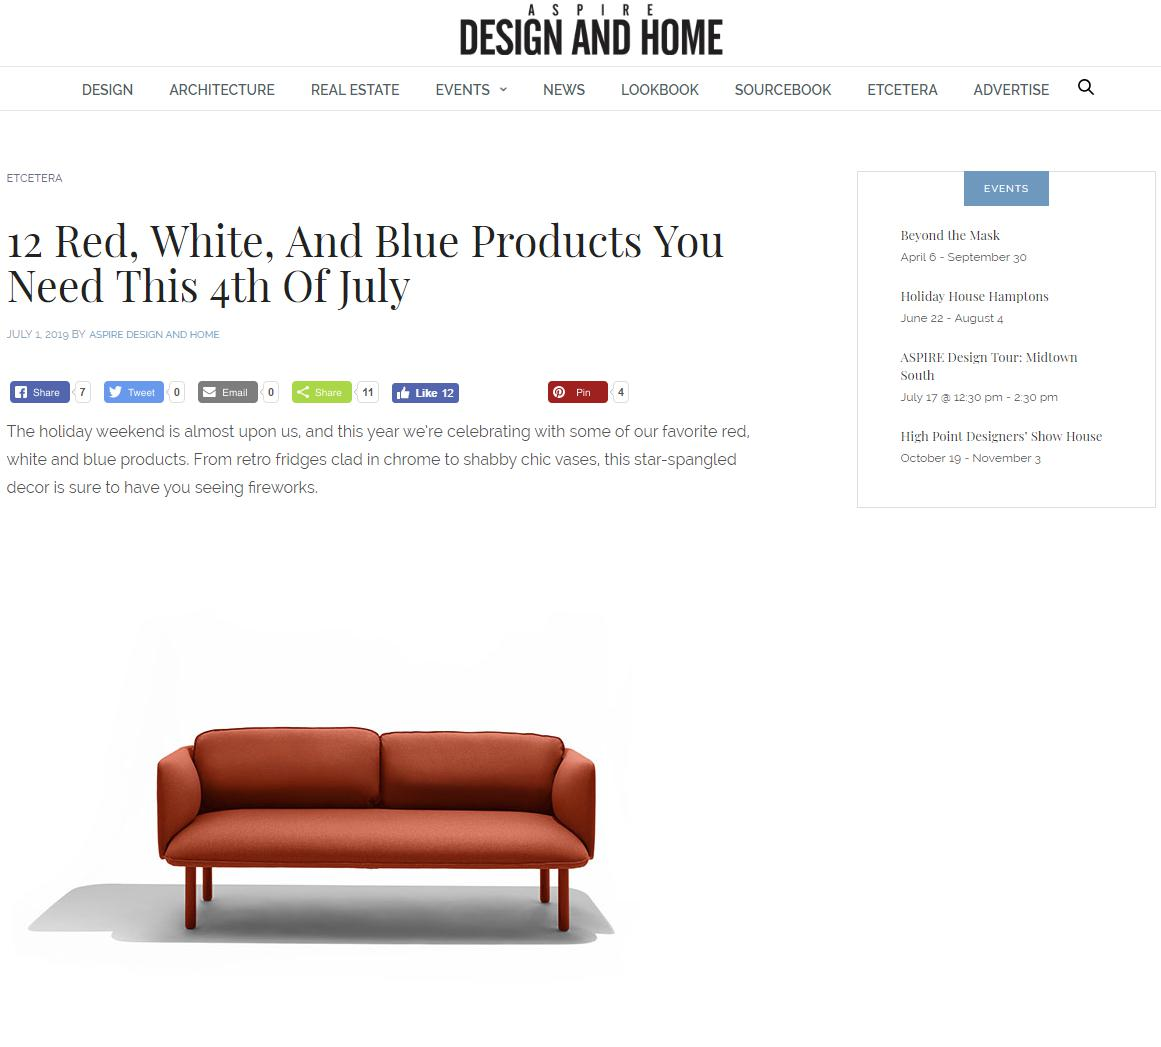 ASPIRE Design + Home Online – July 1st, 2019